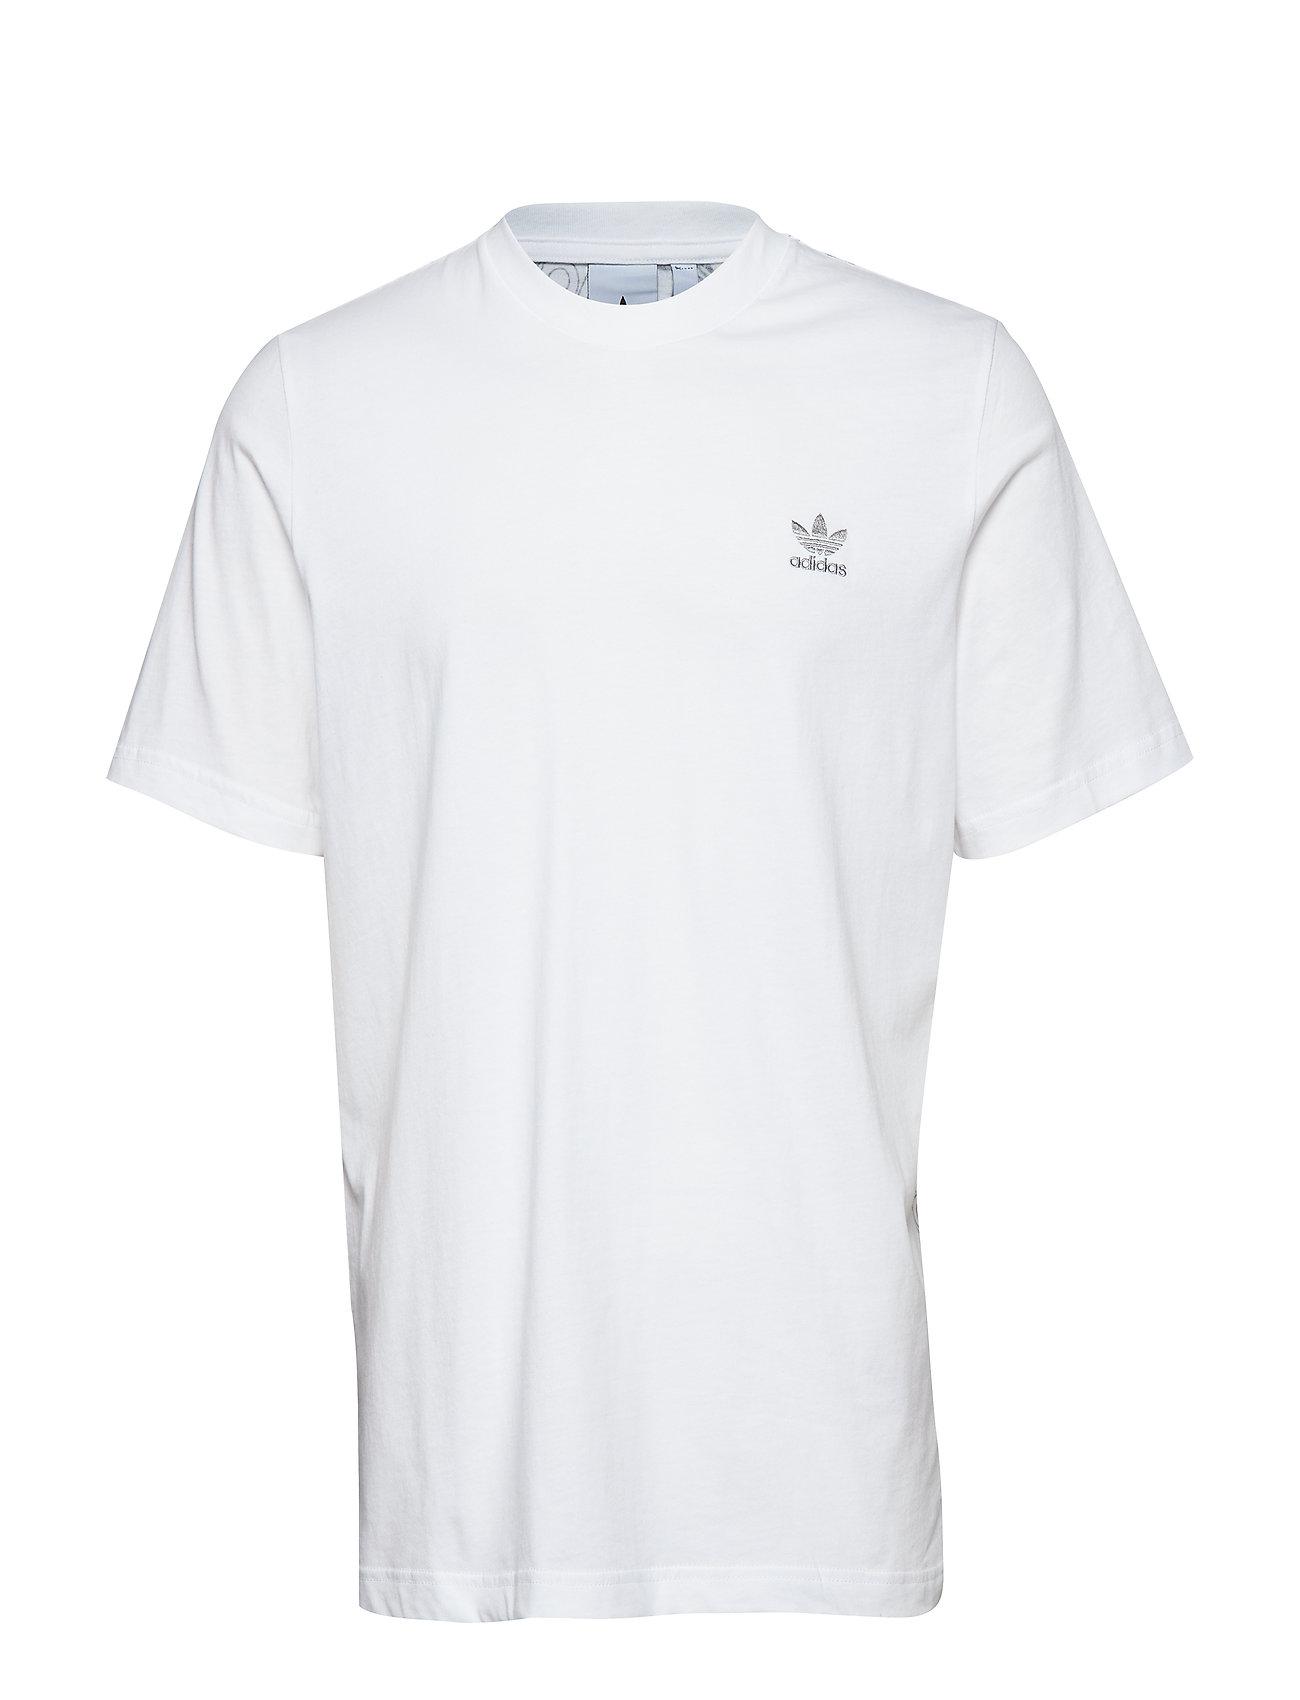 adidas Originals MONOGRAM TEE - WHITE